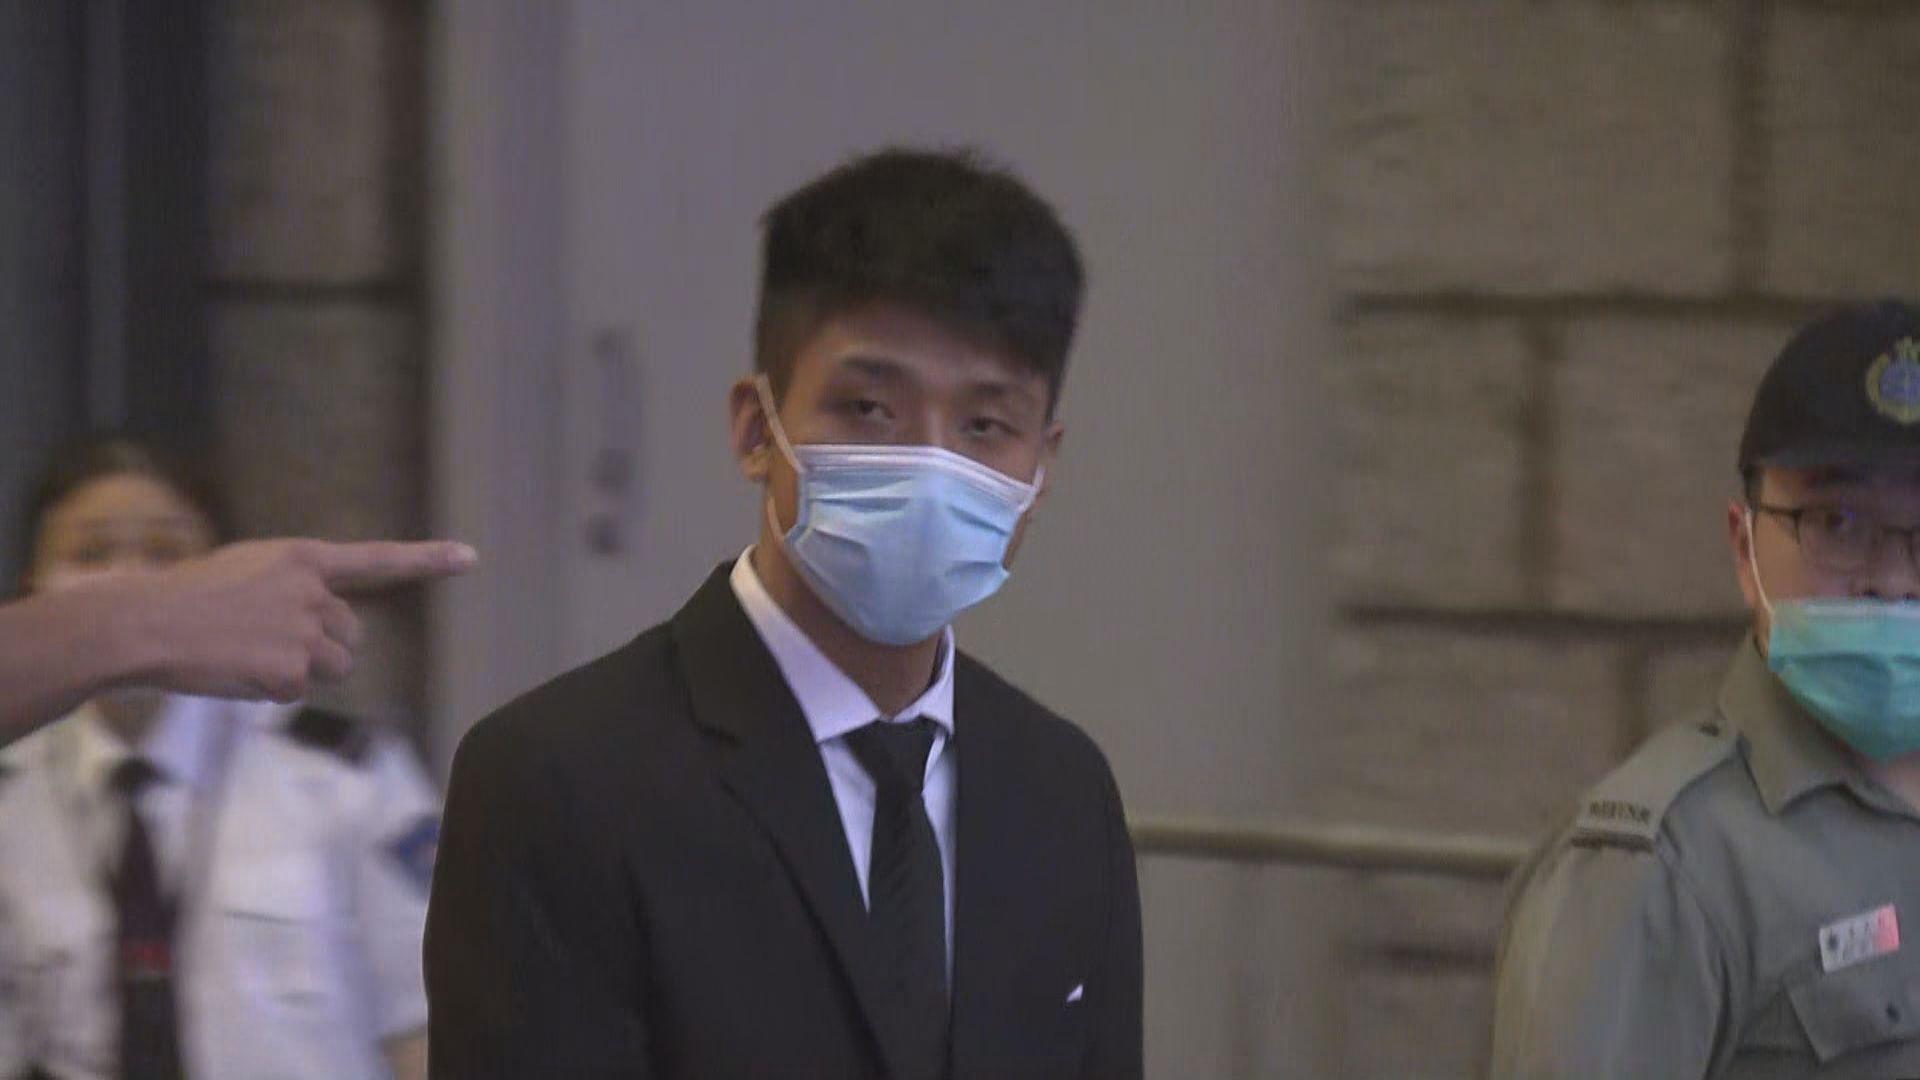 鄒家成申請保釋獲批 不得接觸證人及外國官員